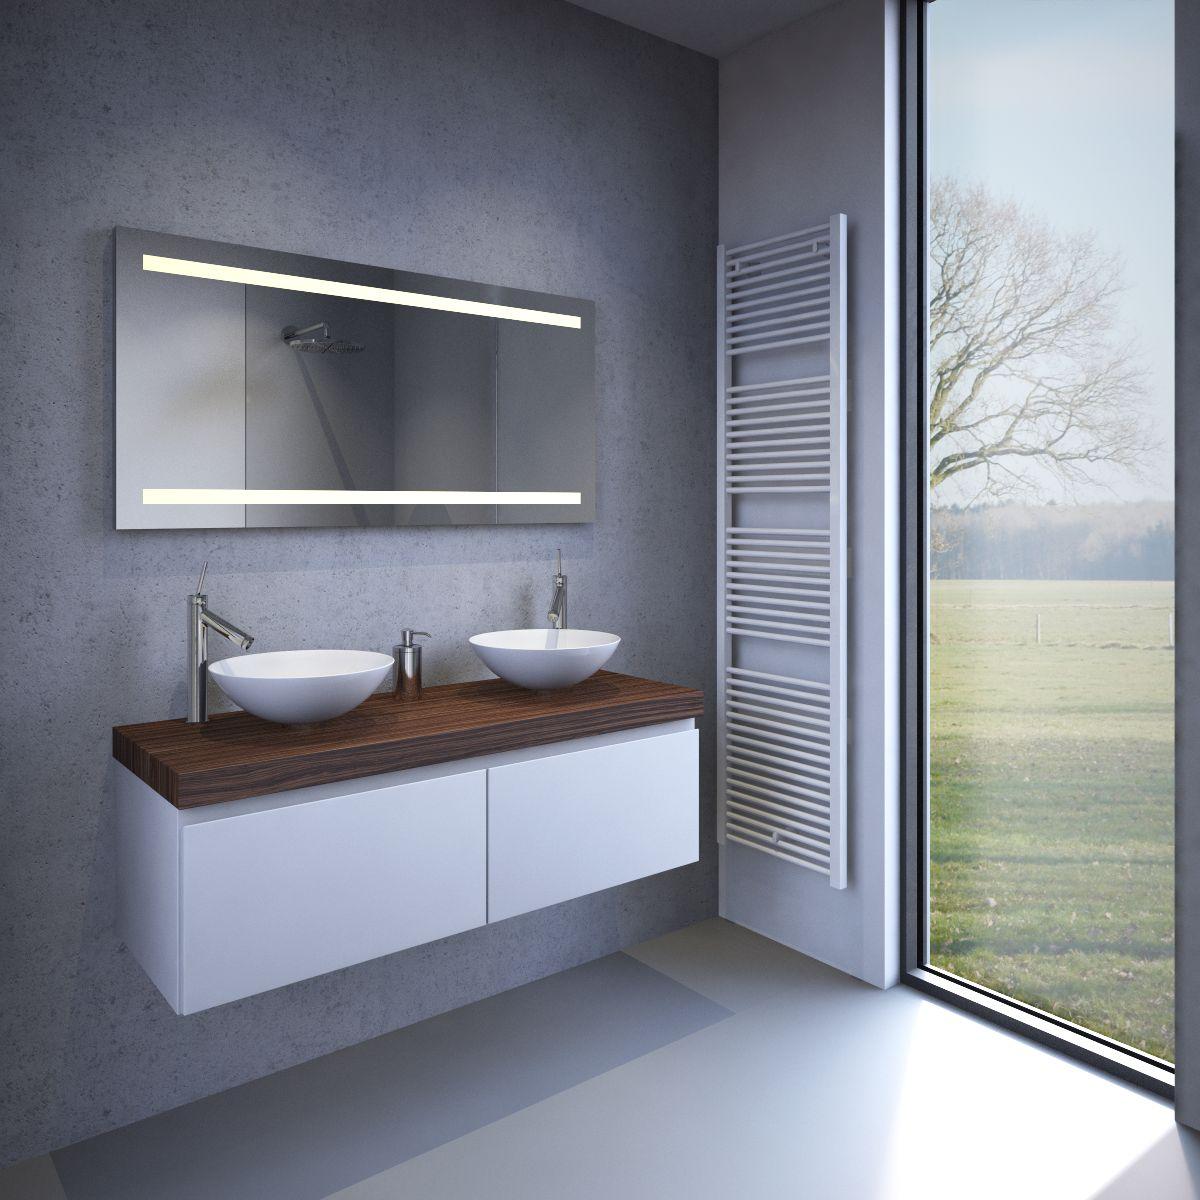 badkamer led spiegel met verwarming en sensor 120x60 cm designspiegels. Black Bedroom Furniture Sets. Home Design Ideas